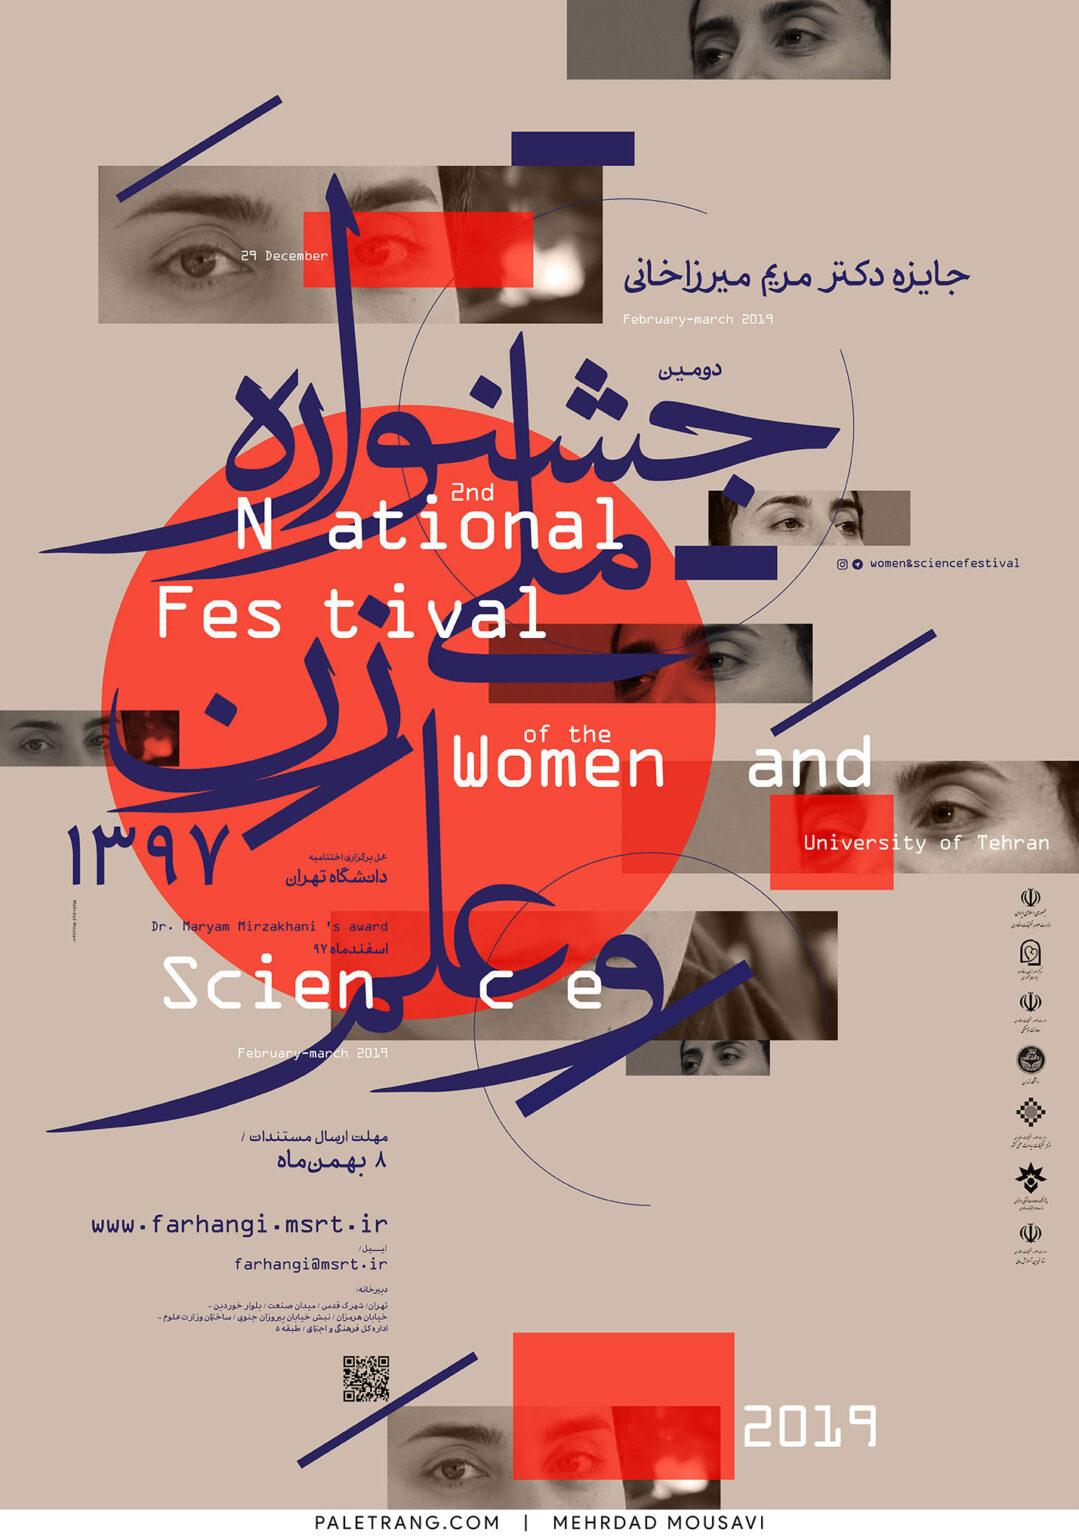 پوستر جشنواره ملی زن و علم اثر مهرداد موسوی